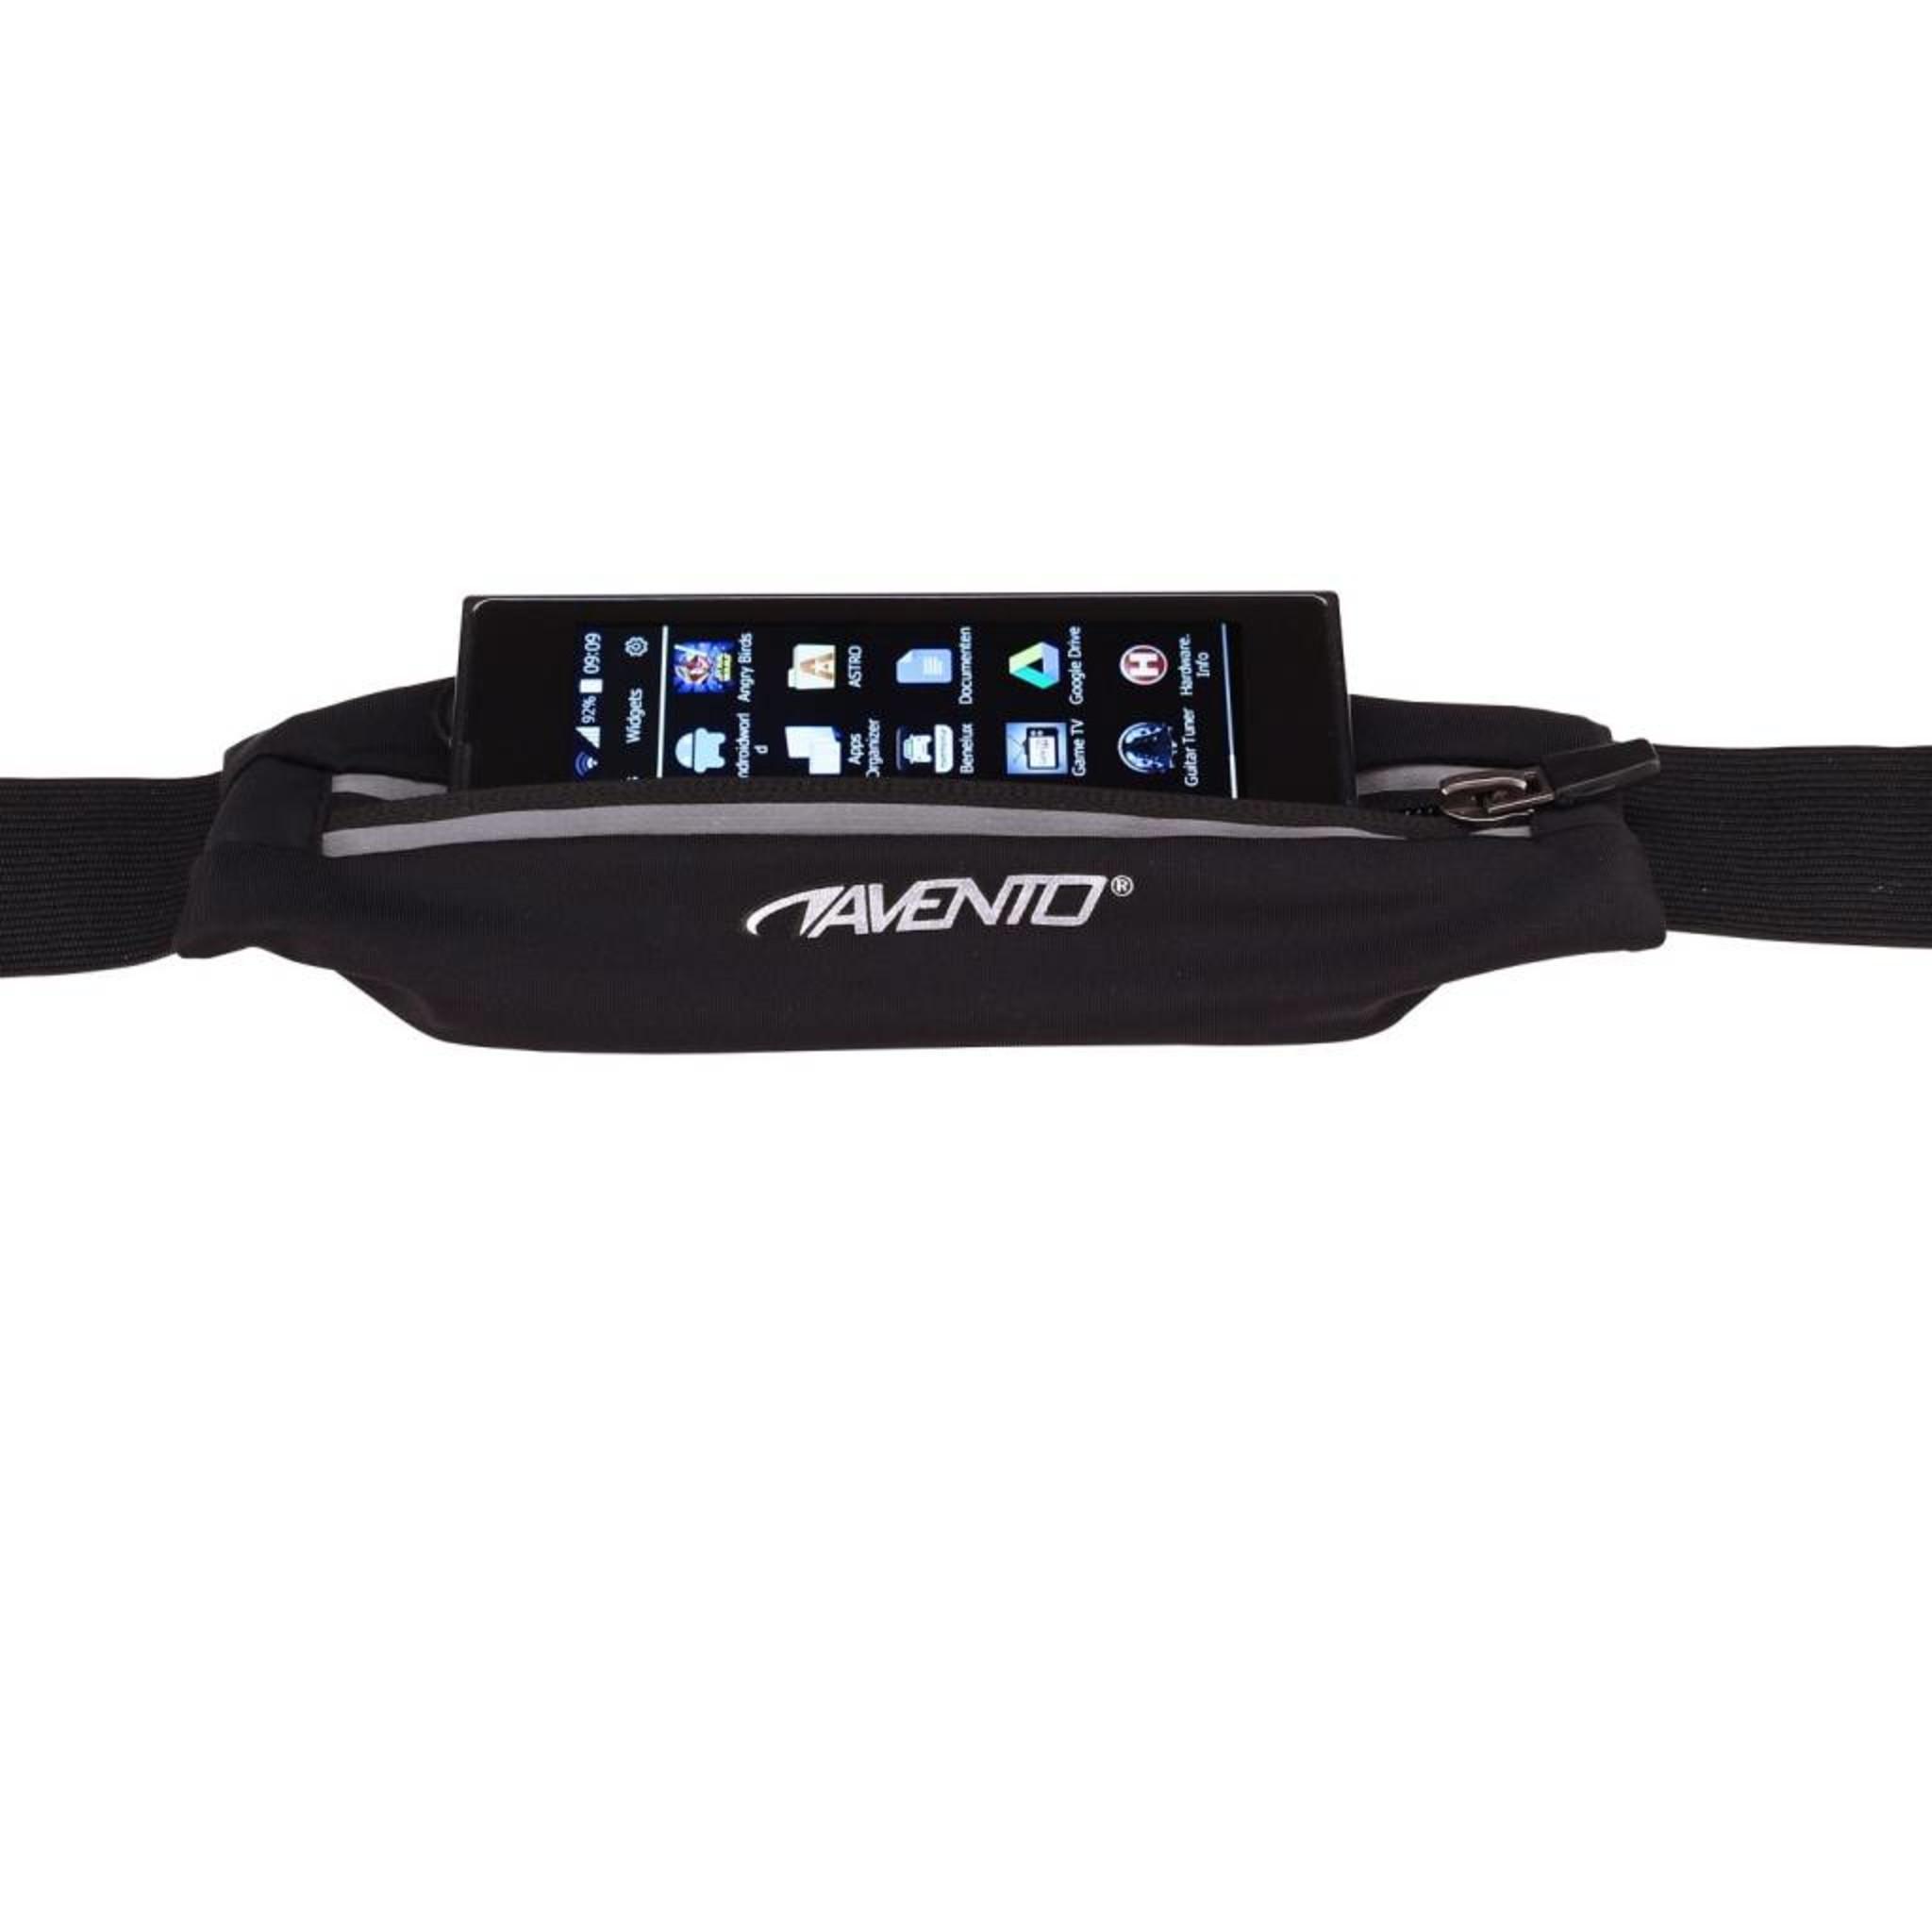 Avento® Hardloop Riem Met Elastisch Tasje Voor Smartphone